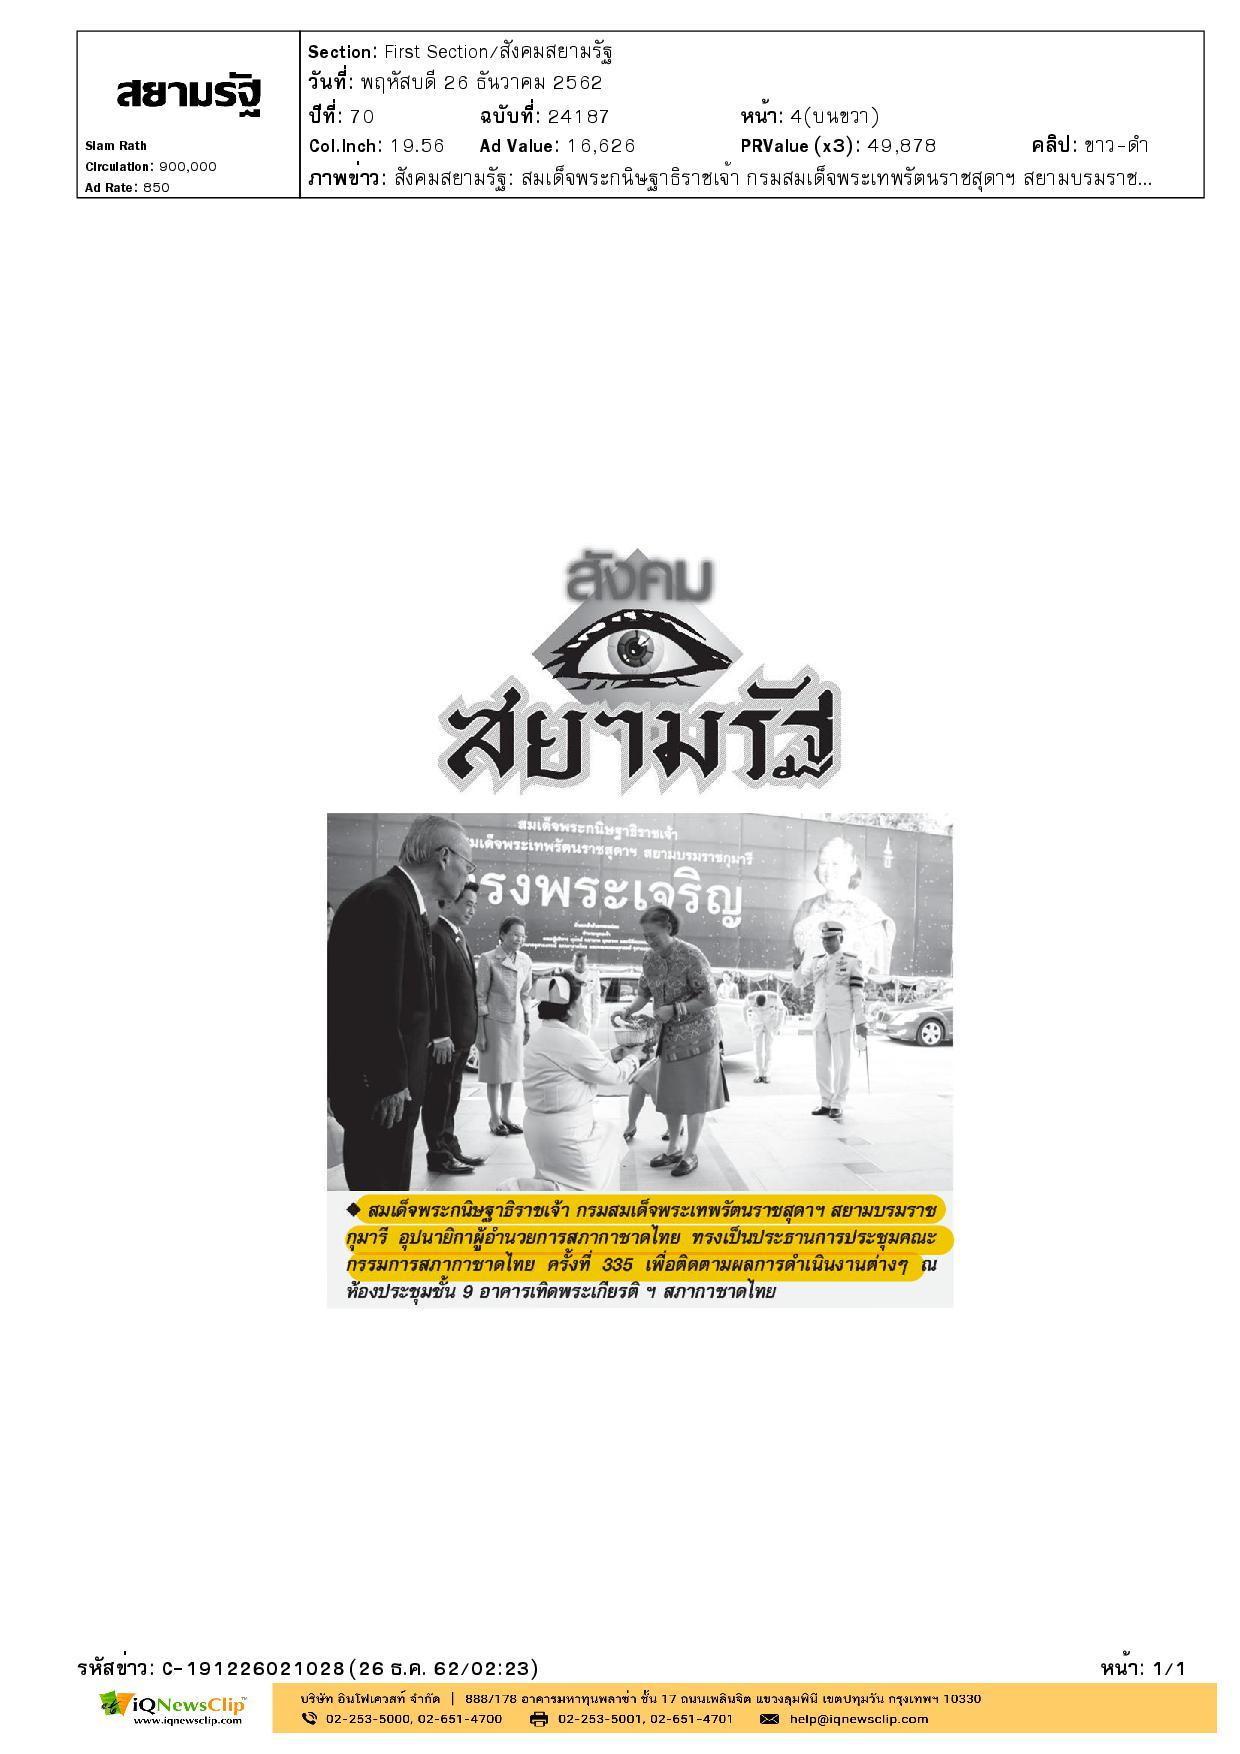 ประชุมคณะกรรมการสภากาชาดไทย ครั้งที่ 335